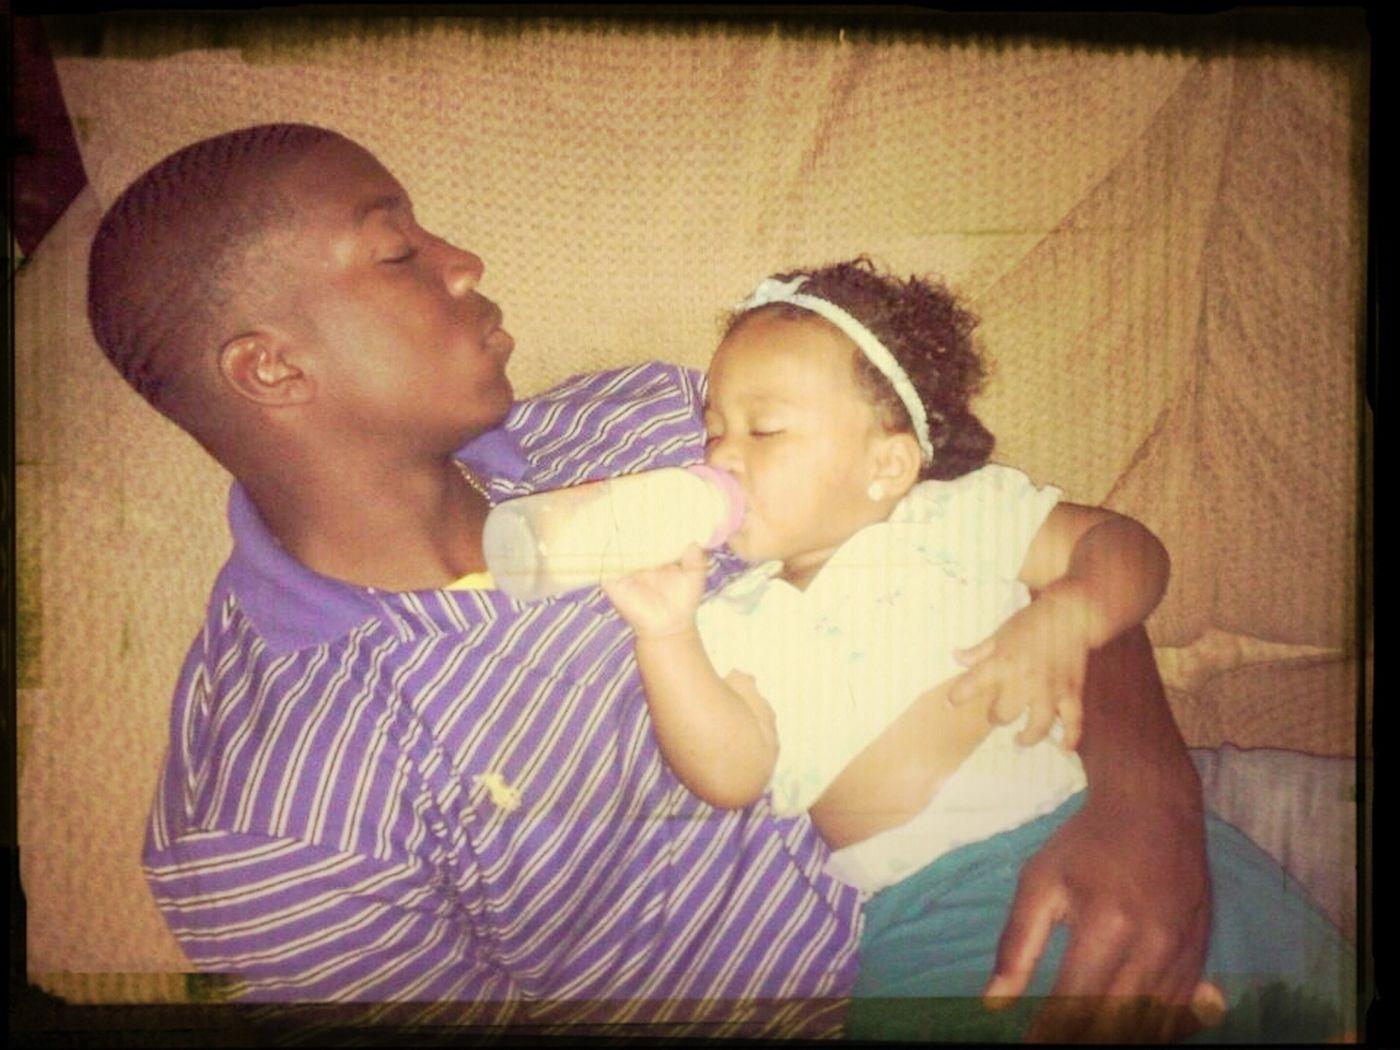 Me and KayKay Sleep